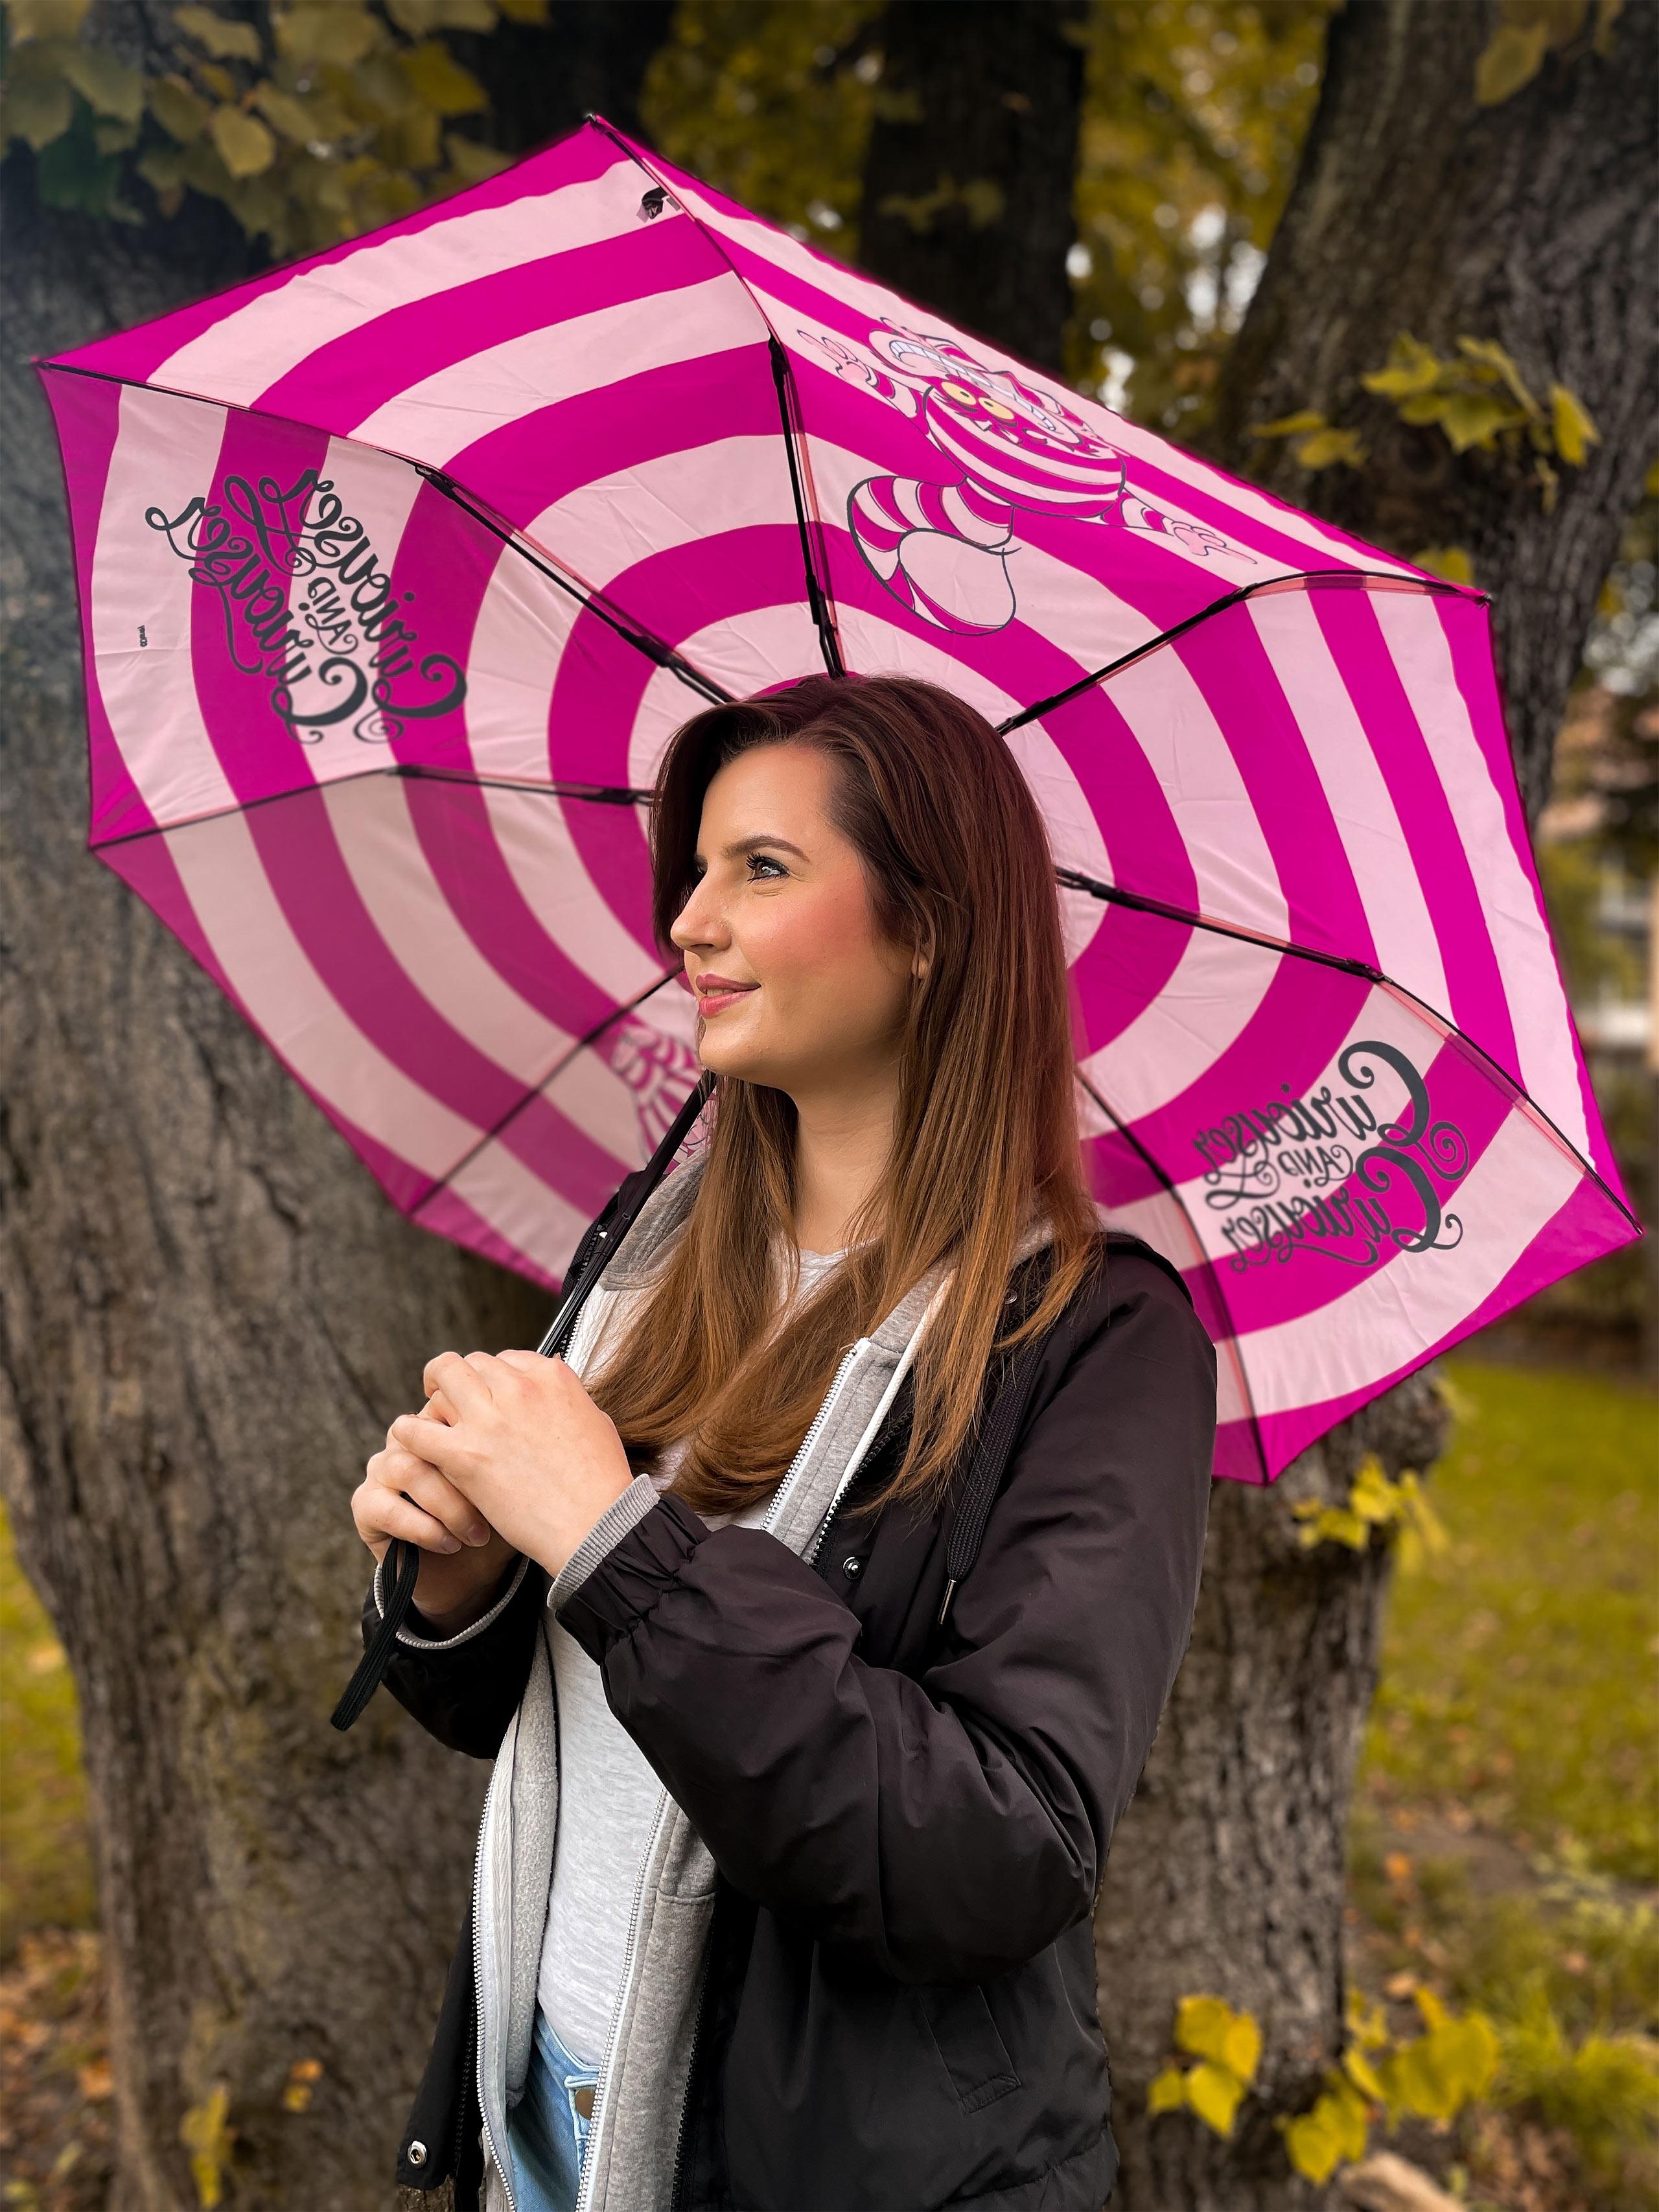 Alice im Wunderland - Grinsekatze Schirm